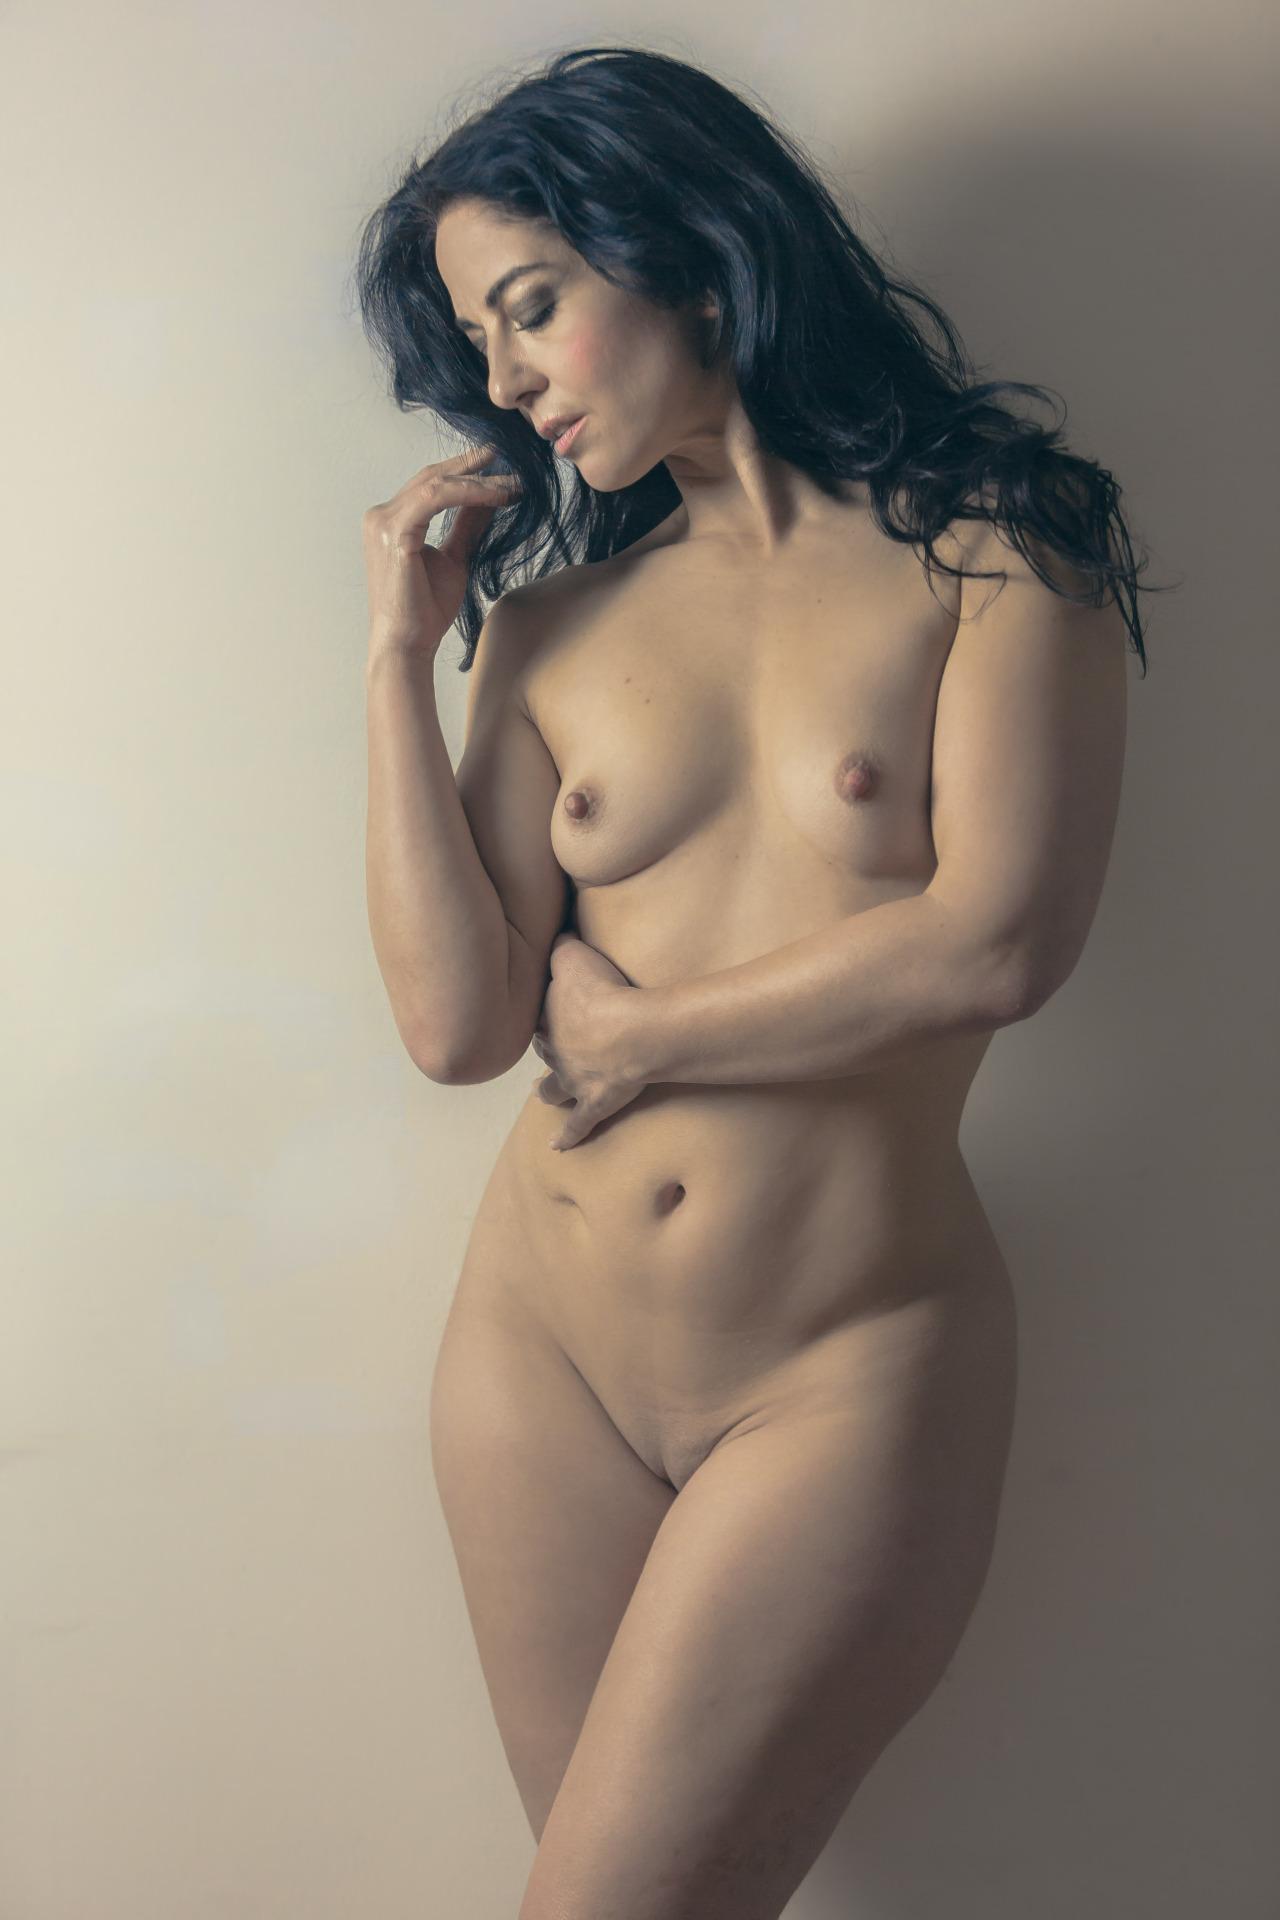 maman nue en photo sexe  105